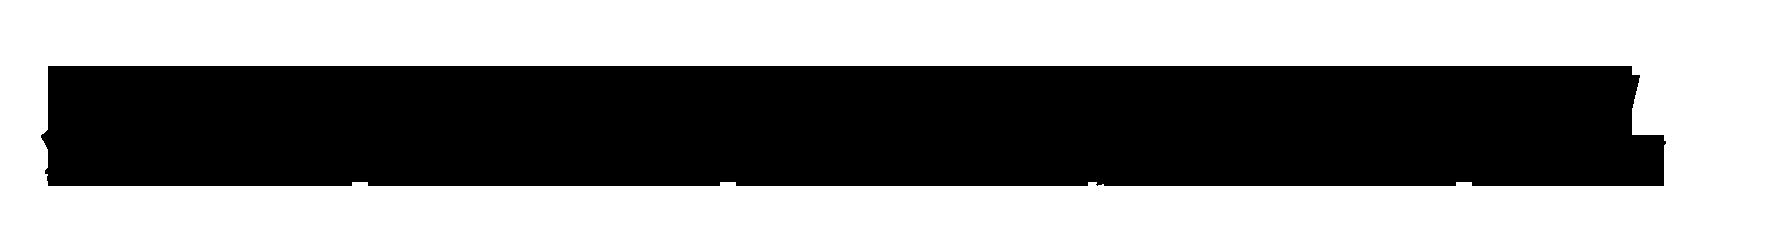 福州欧亚逸装饰材料有限公司